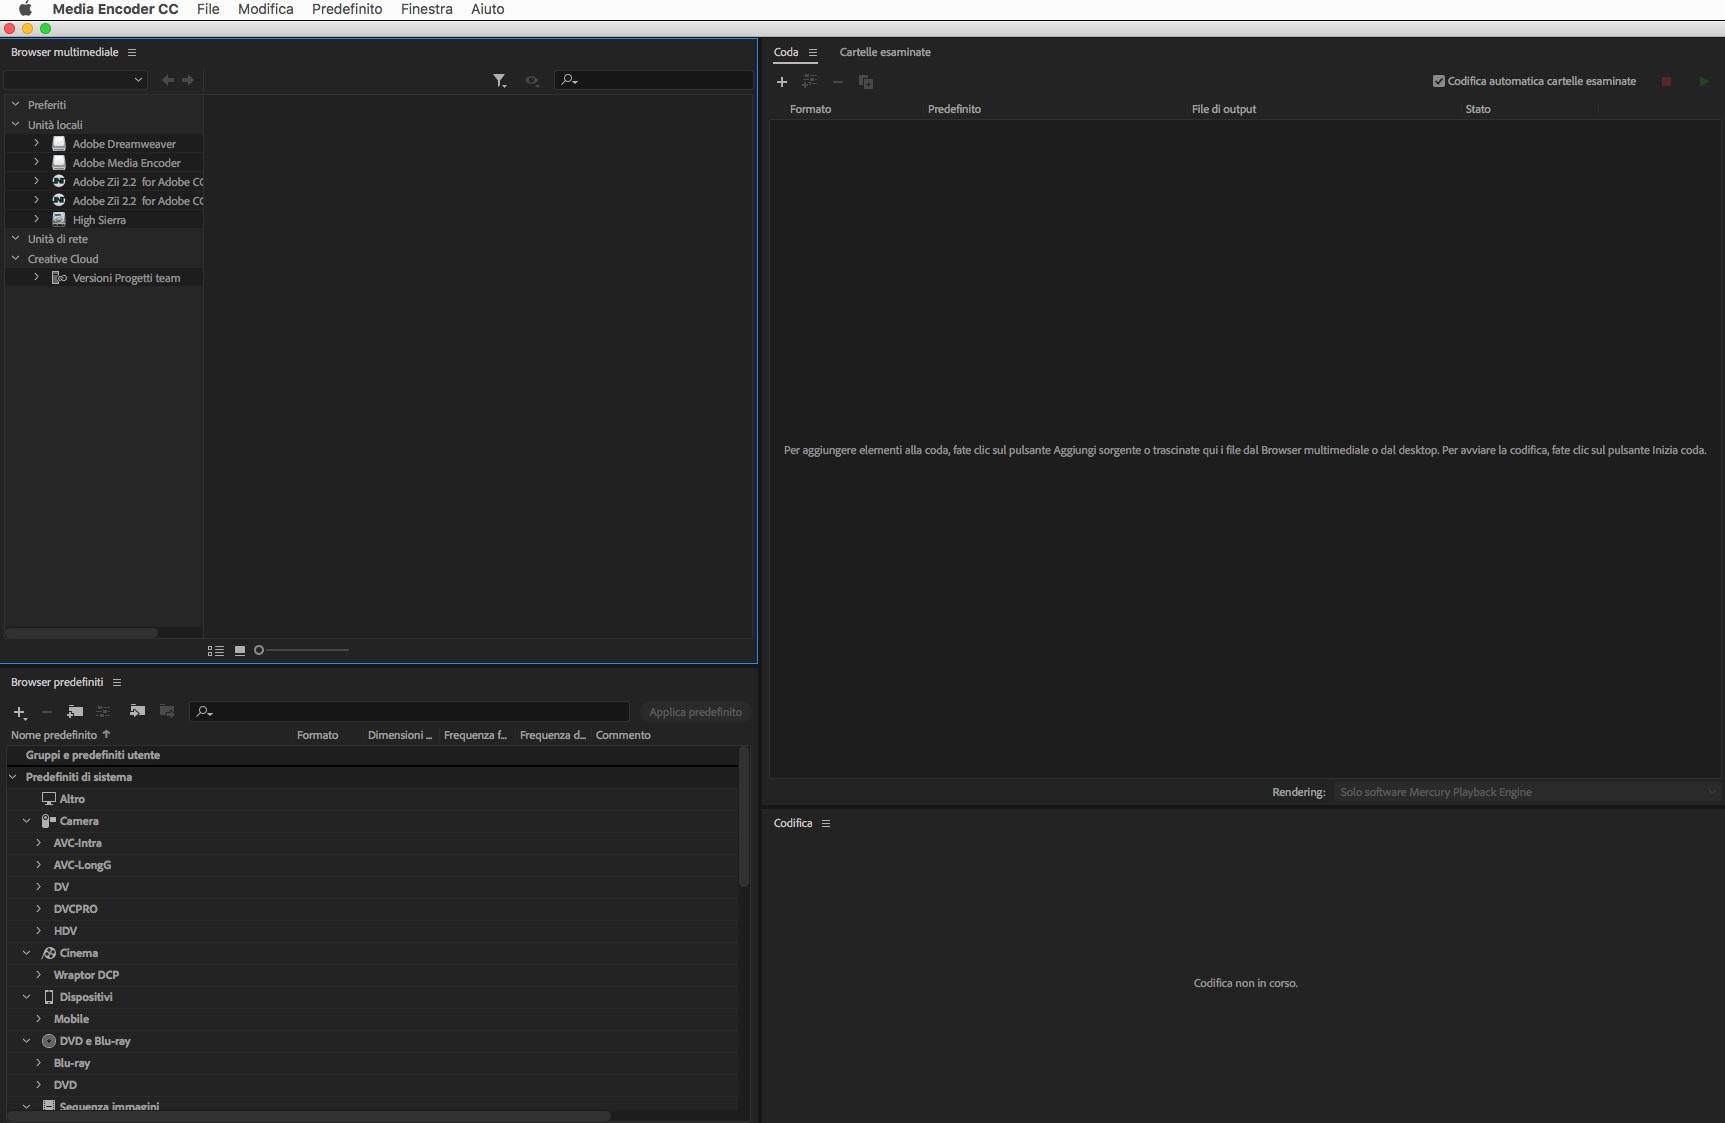 [MAC] Adobe Media Encoder 2020 v14.0.0.556 macOS - ITA